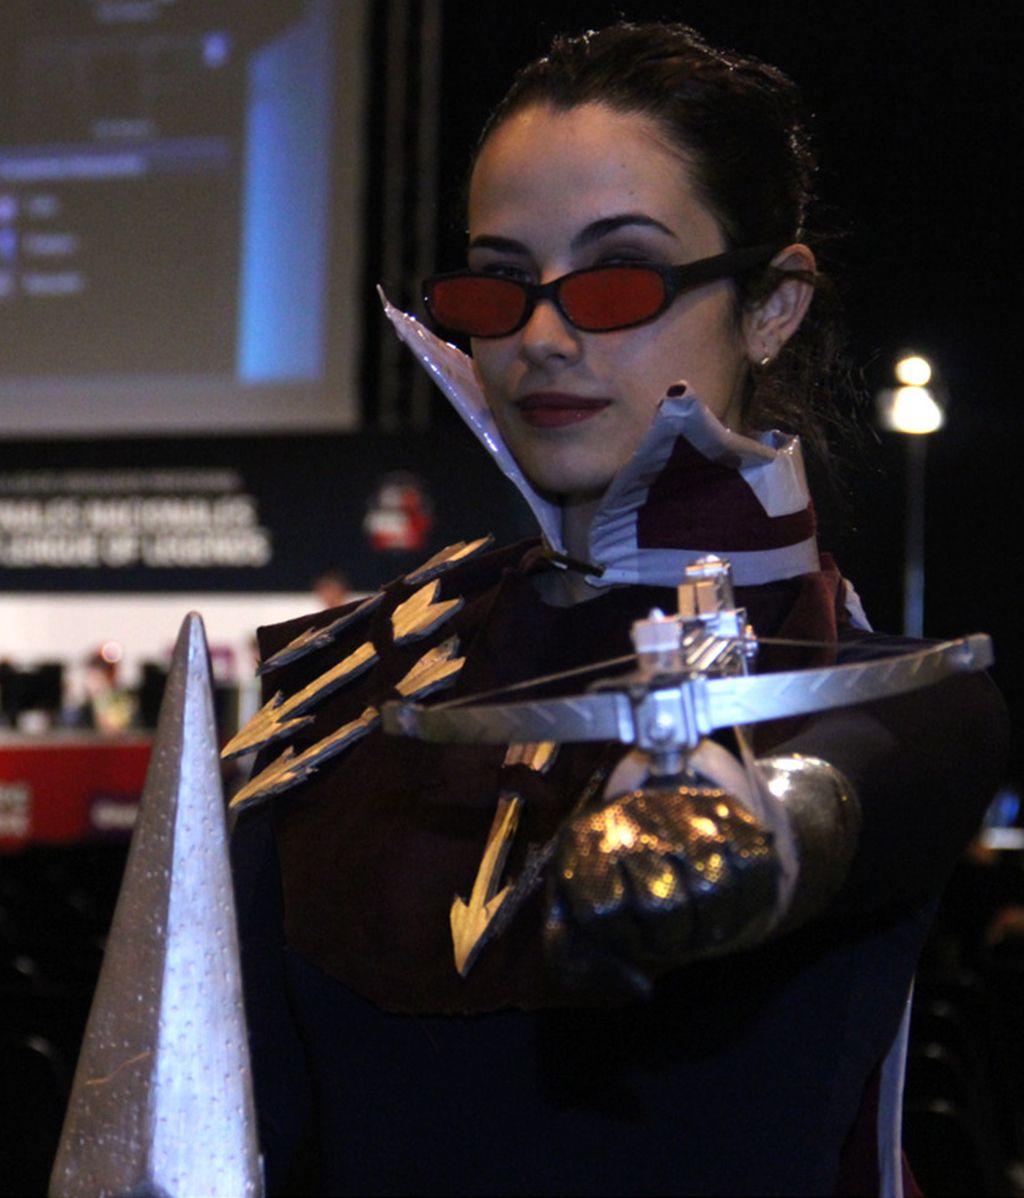 Vayne, una cazadora nocturna en el cosplay de LoL